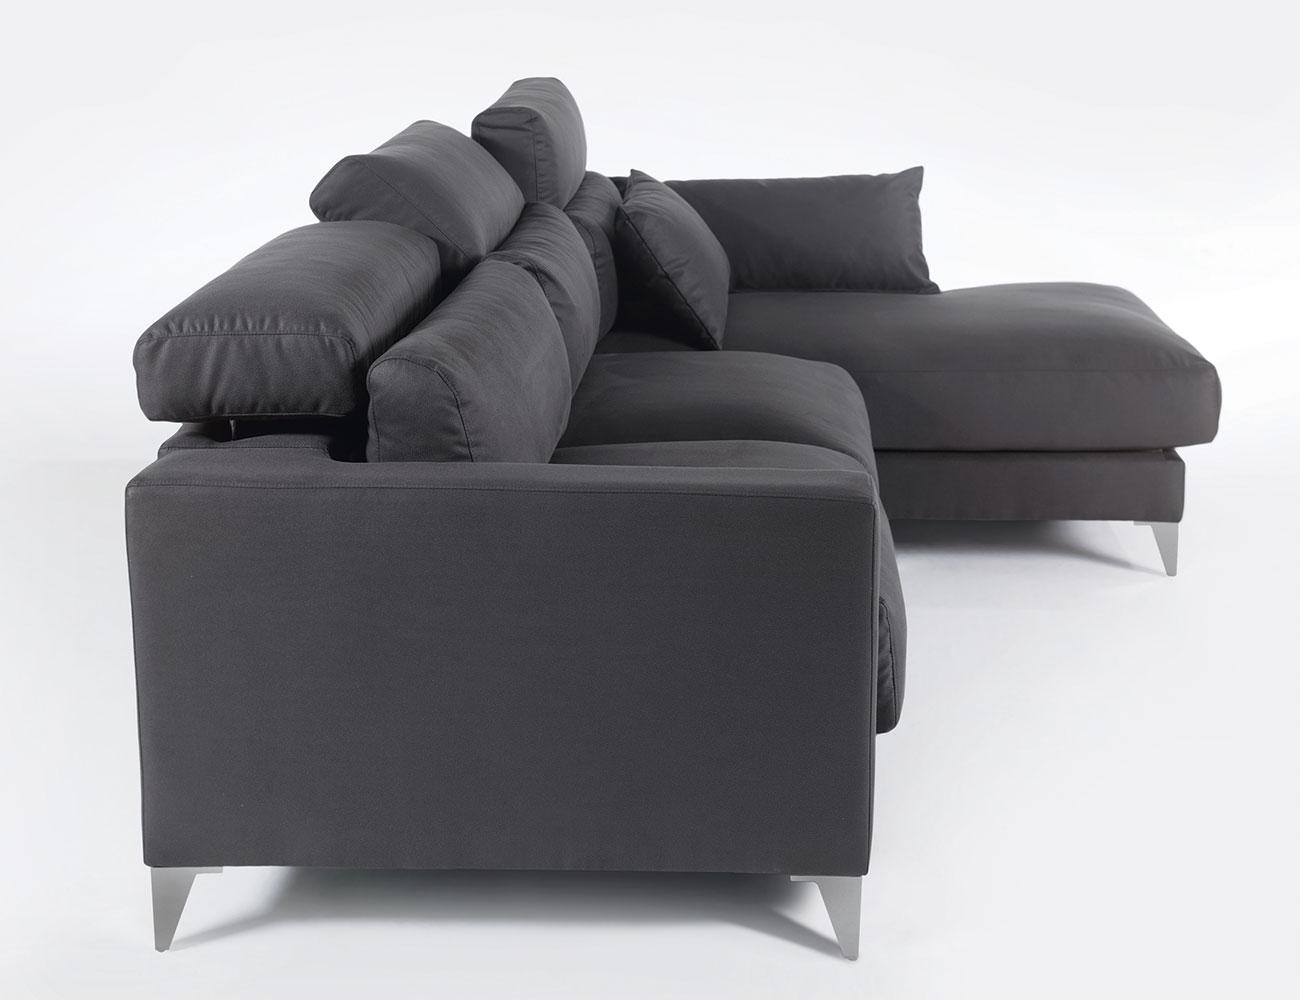 Sofa chaiselongue gran lujo decorativo grafito 134